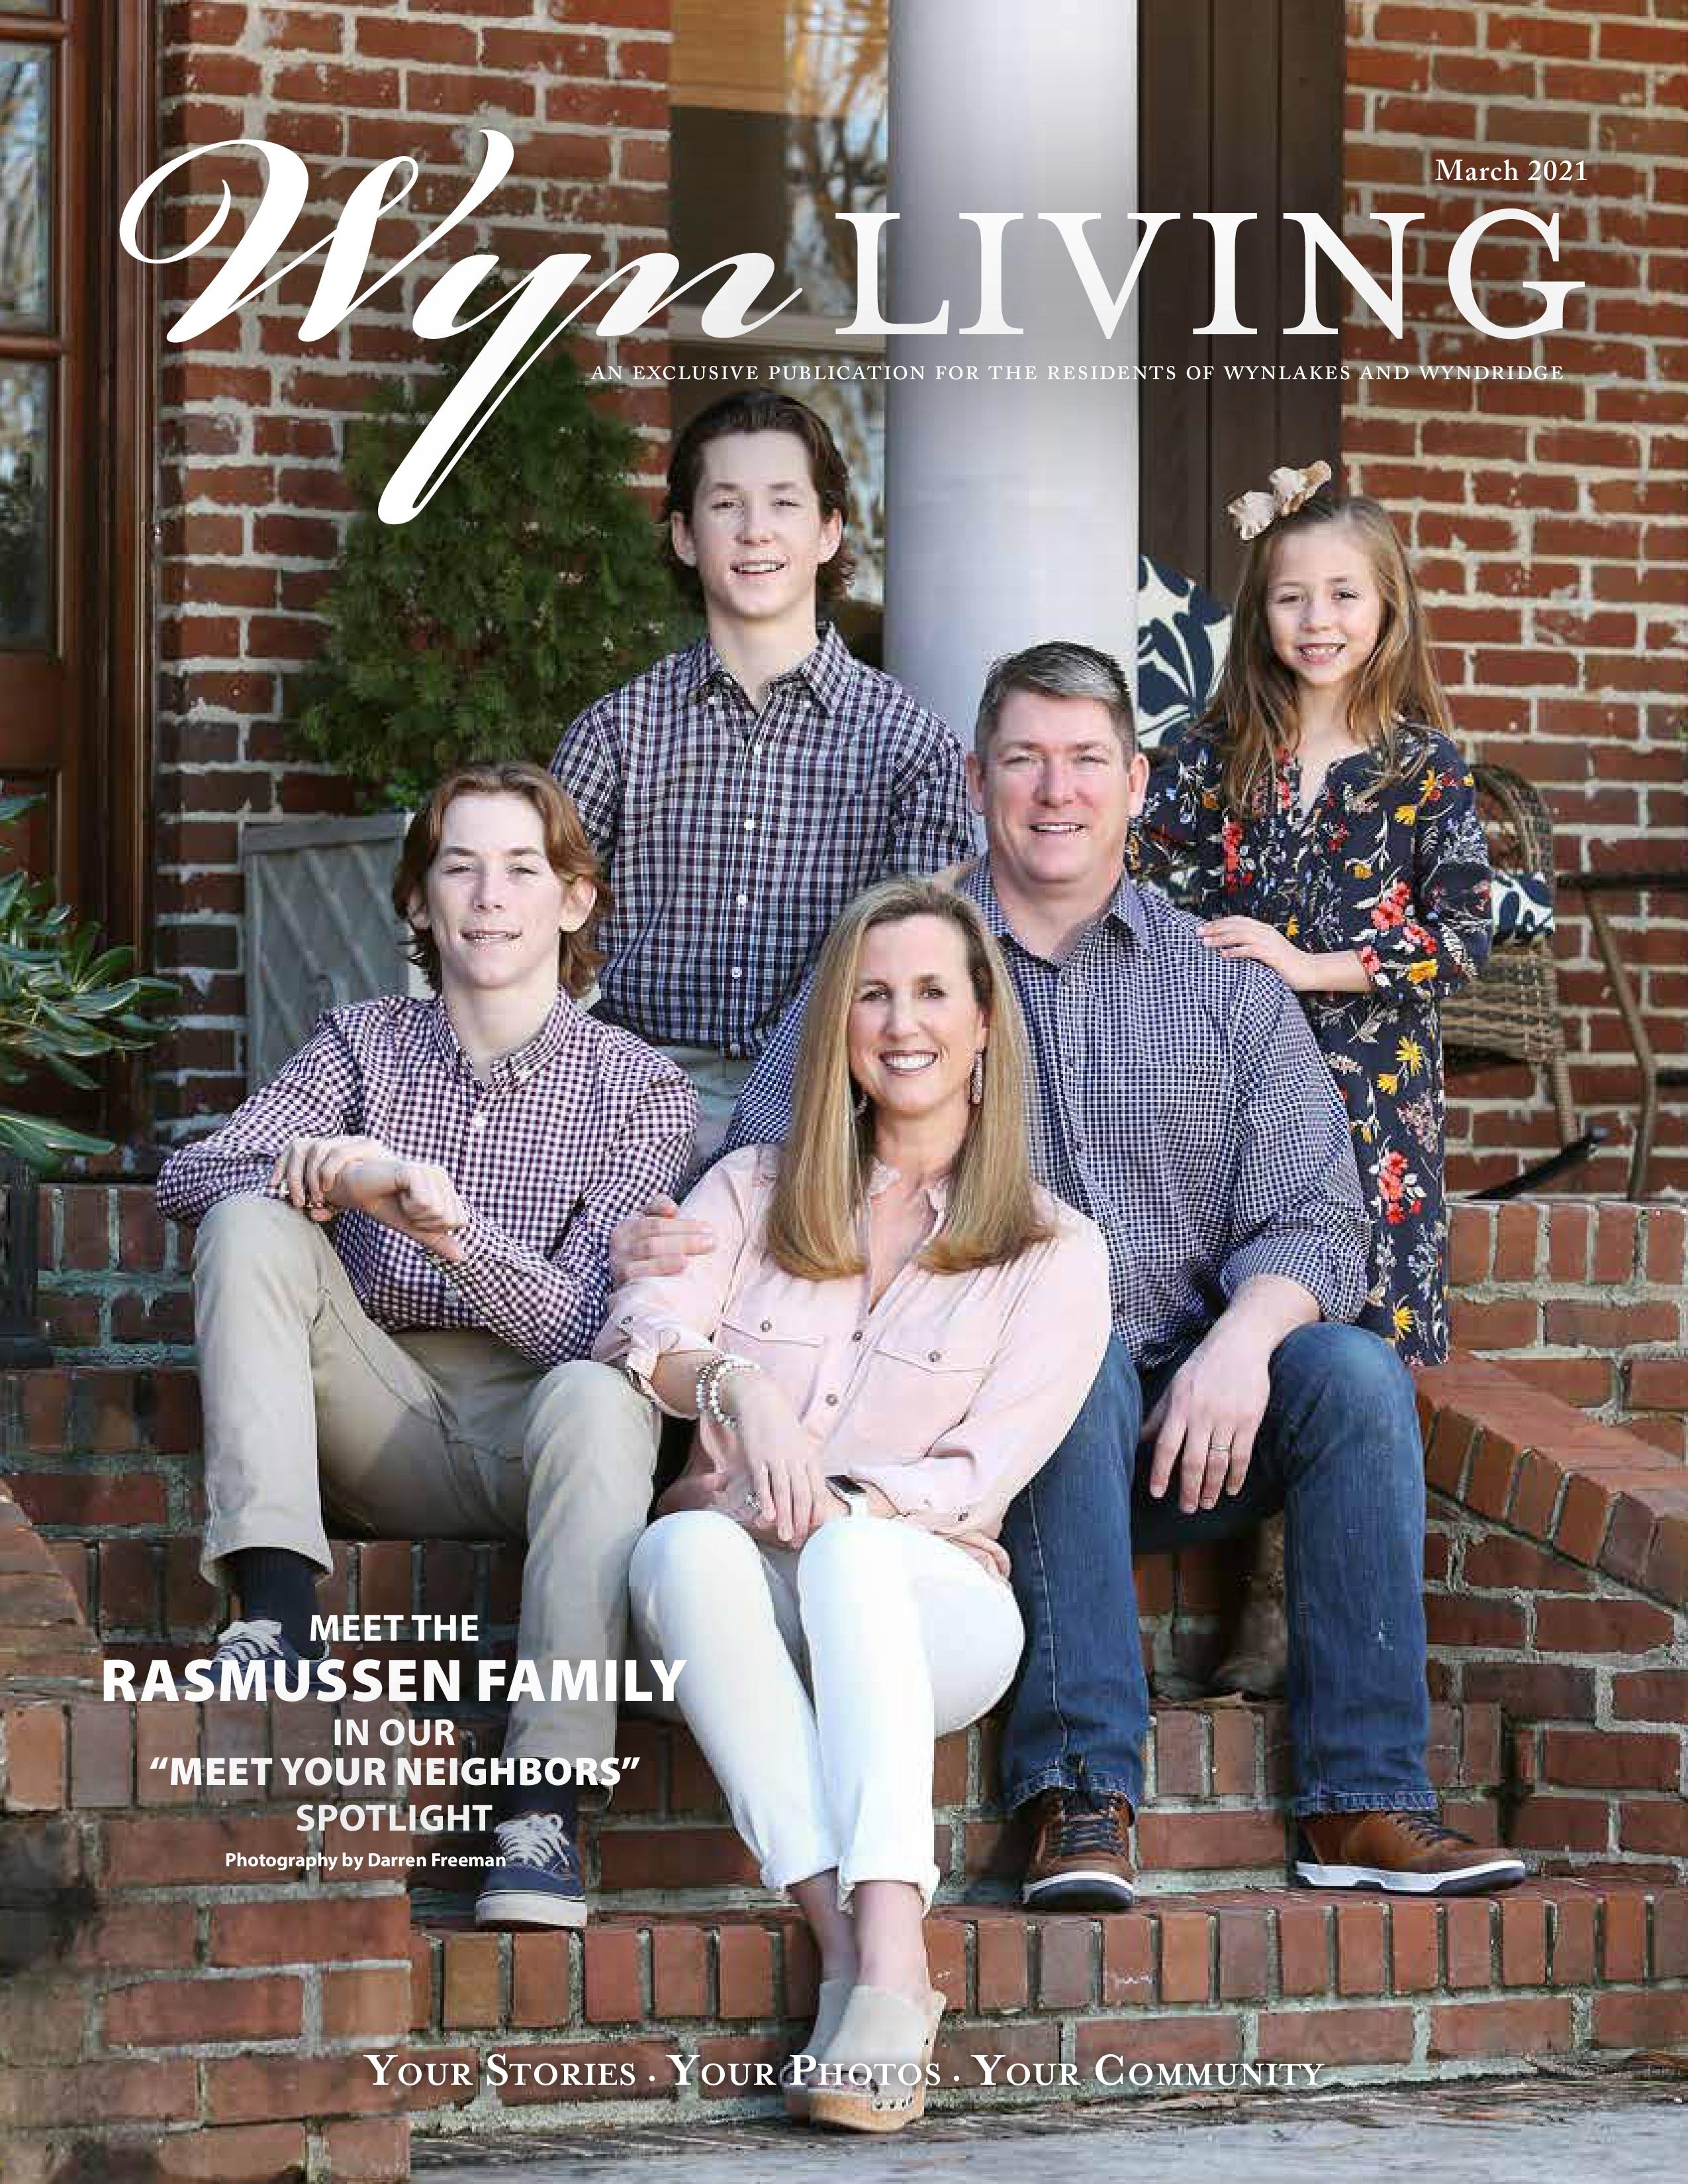 Wyn Living 2021-03-01